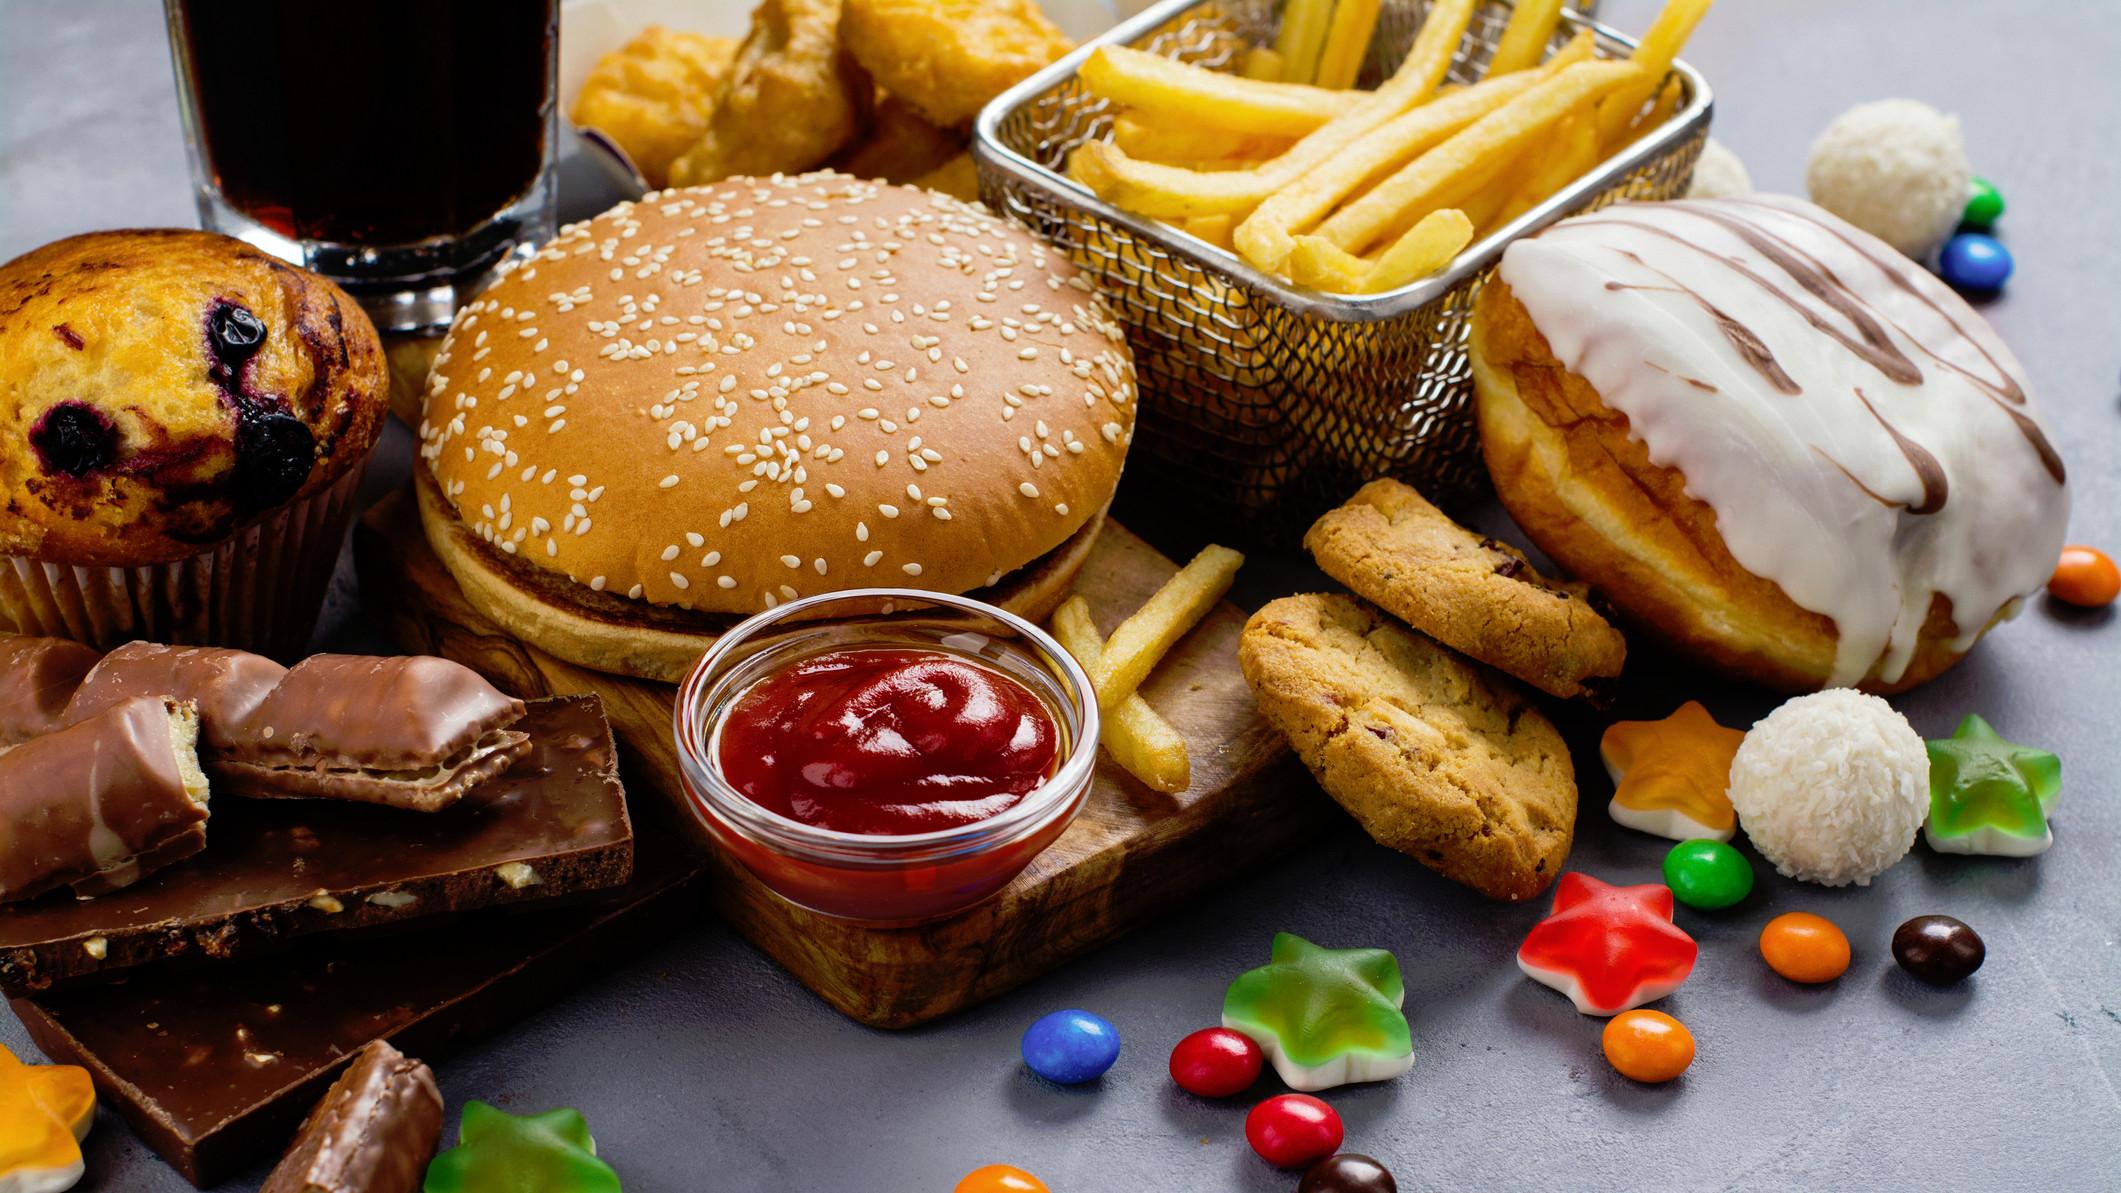 Enfermedades de dietas inadecuadas